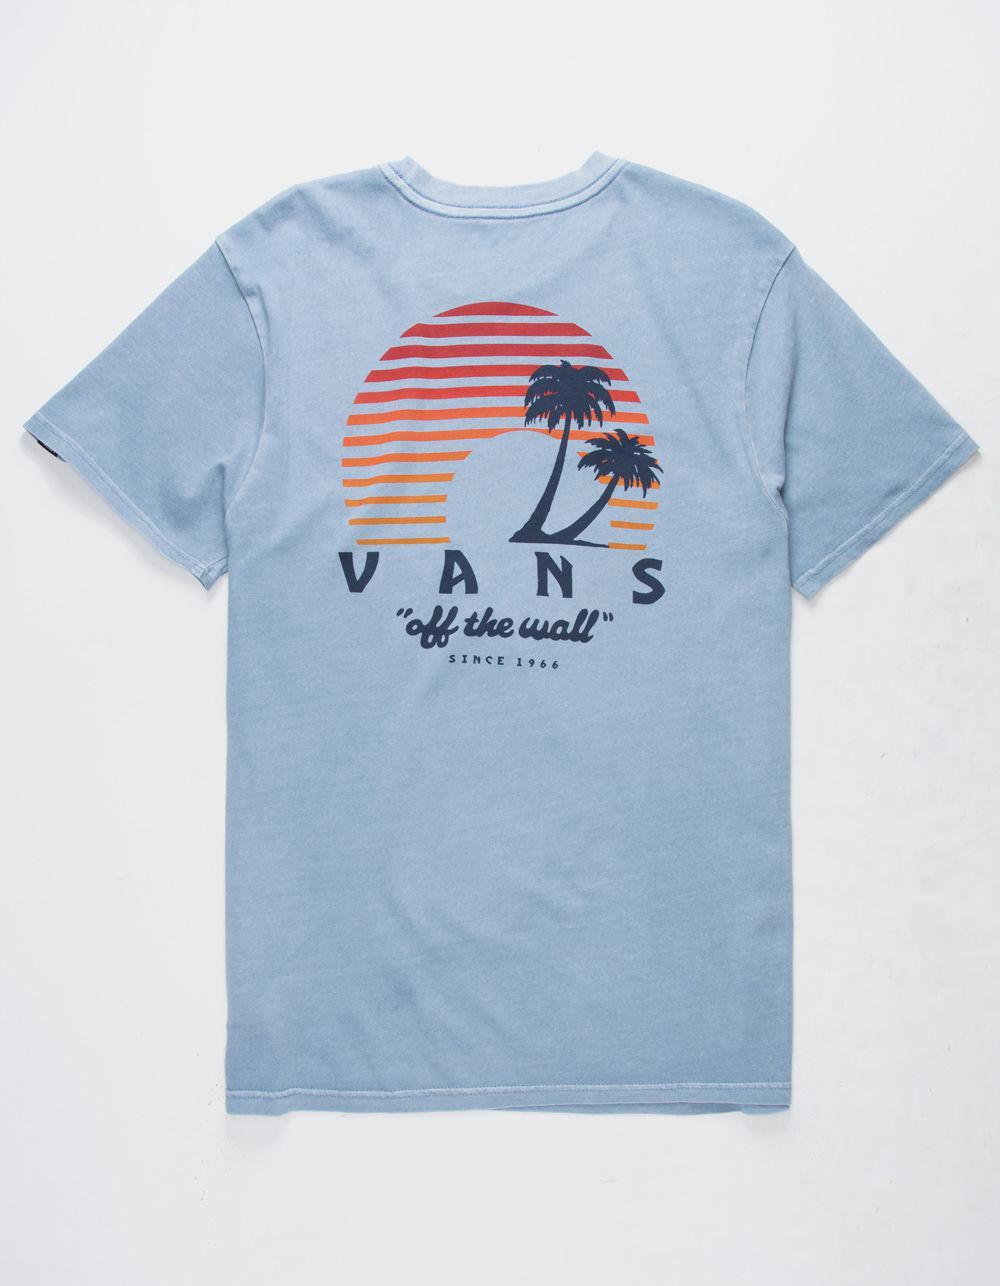 d5431aba69 Lyst - Vans Vintage Otw Sunset Mens T-shirt in Blue for Men - Save 32%